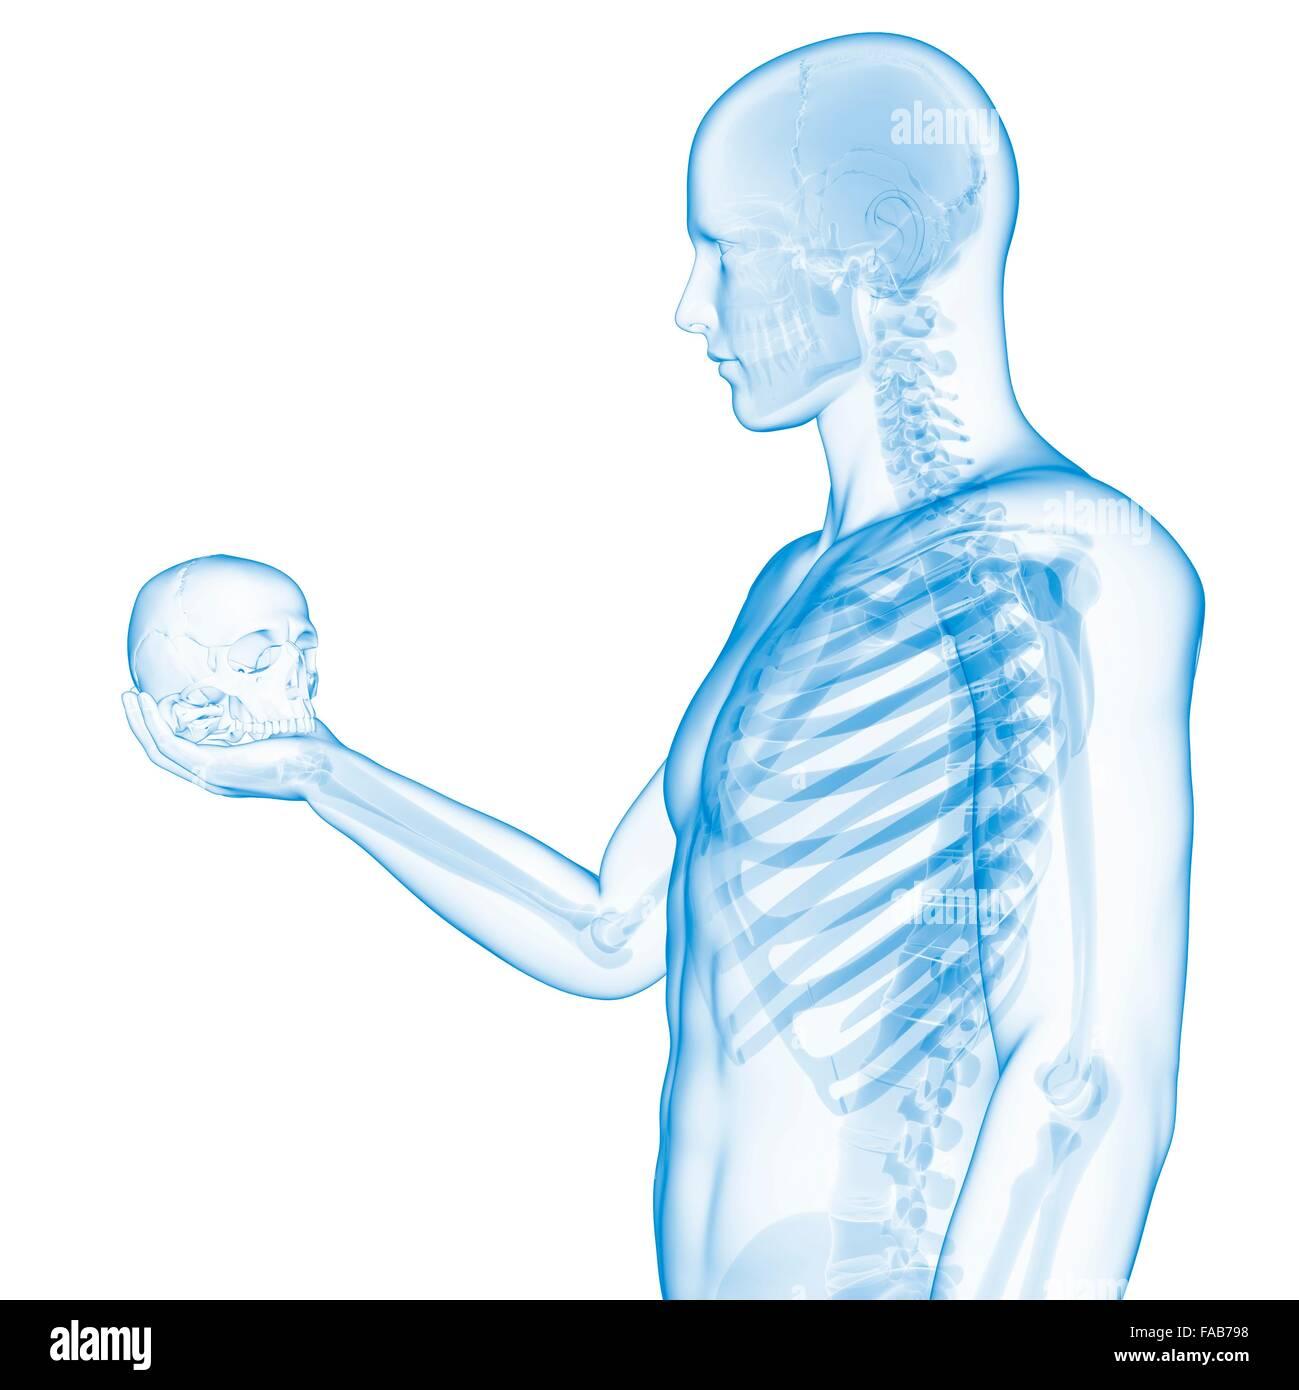 Großartig Menschliche Skelettstruktur Bilder - Anatomie Ideen ...